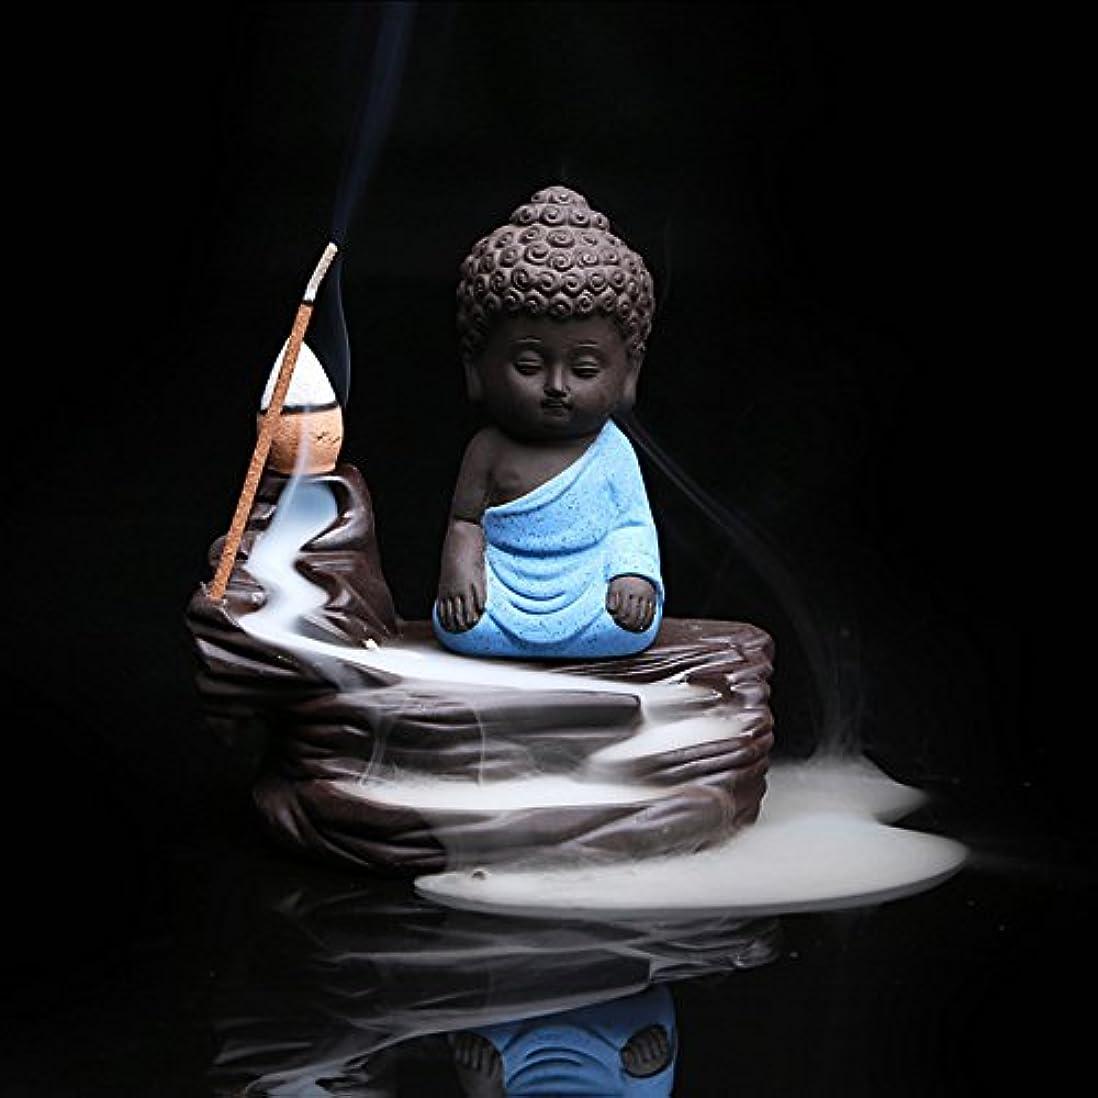 落ち着く一口マージZehuiホームデコレーションクリエイティブ逆流香炉コーンスティックホルダーSmall Buddhaセラミック香炉ホーム装飾 ブルー mhy-ZJ1204-jj125